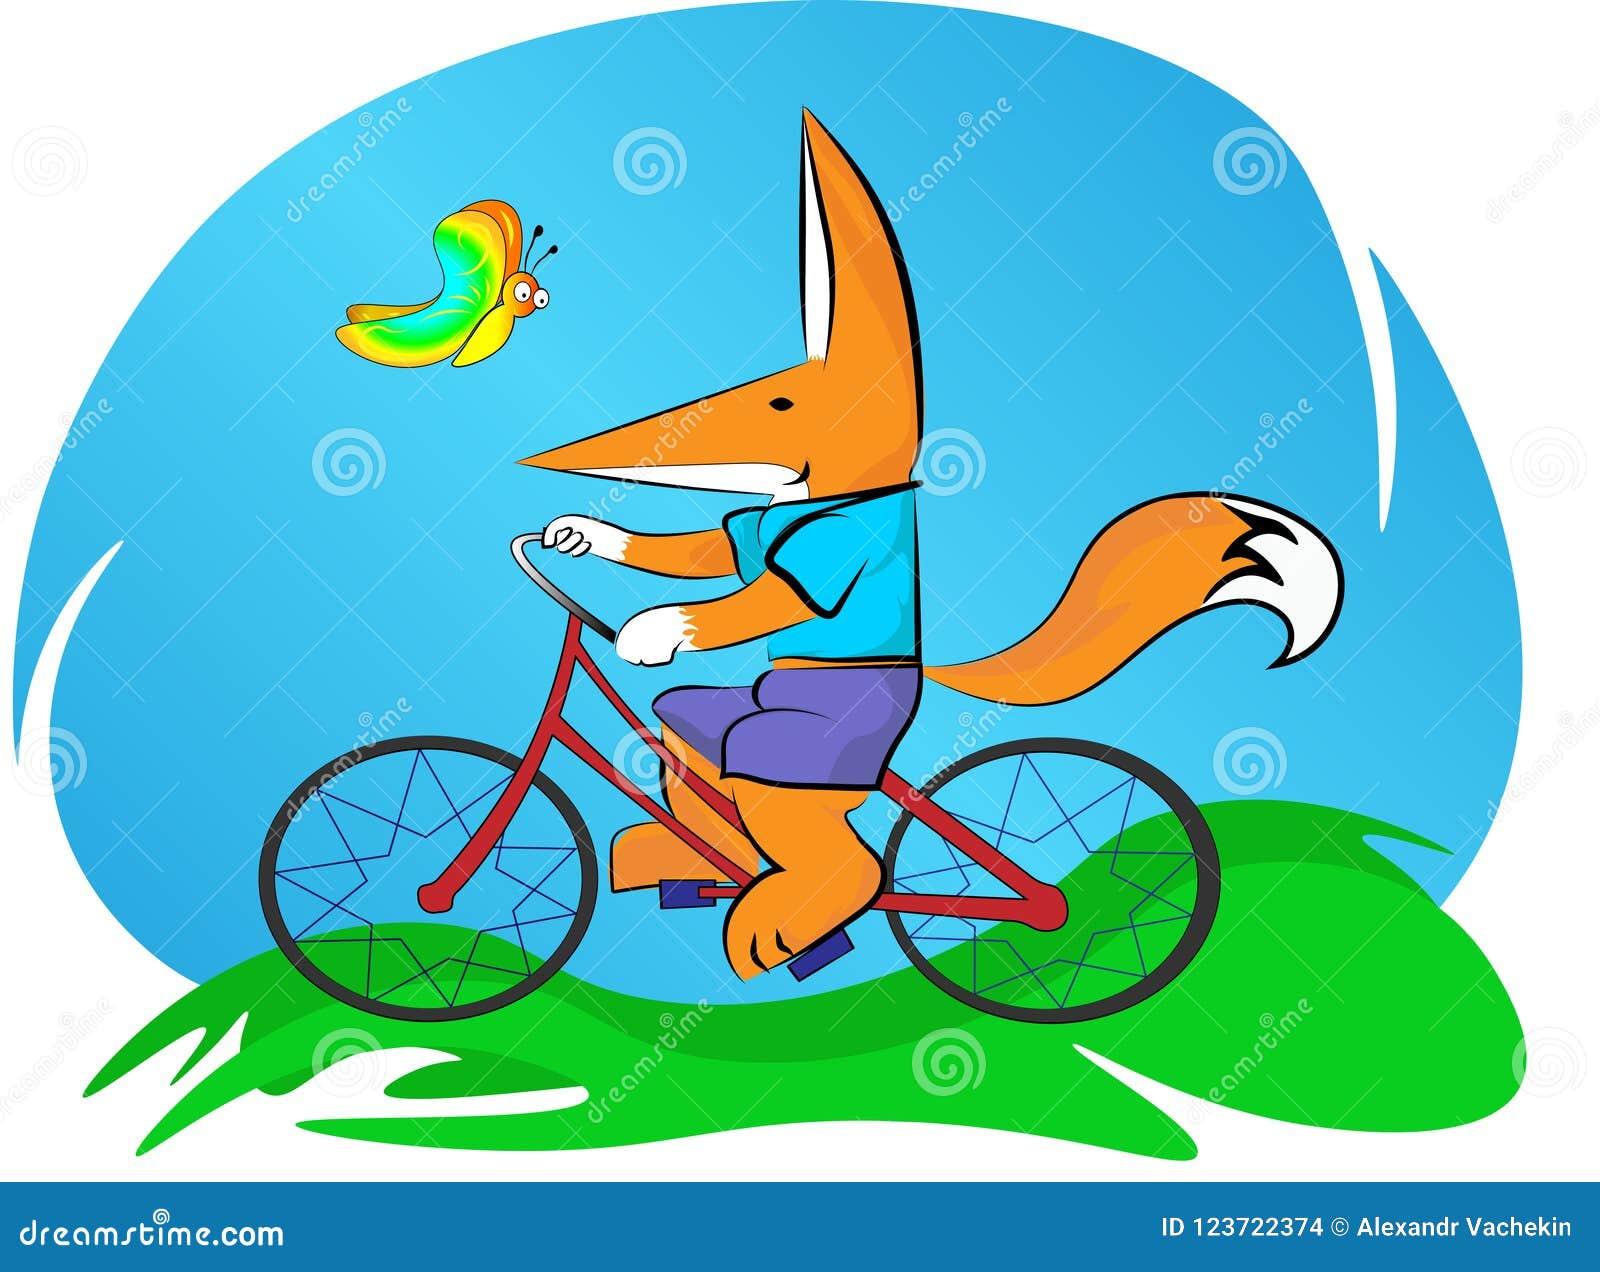 Маленькая девочка едет велосипед, в свежем воздухе рядом с красивой бабочкой летает